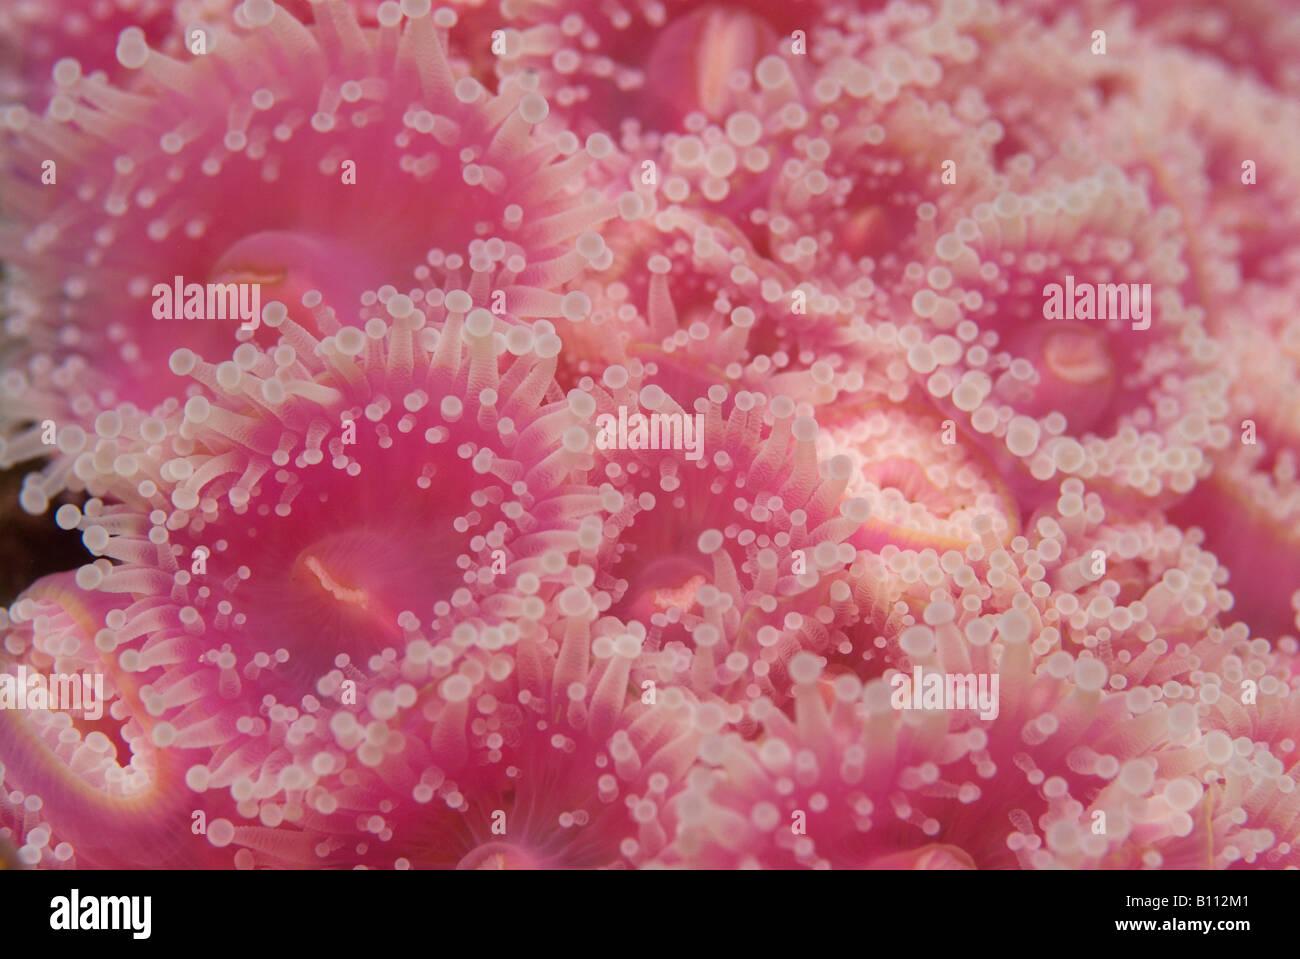 Anemoni gioiello Corynactis australis Tasmania Australia Immagini Stock